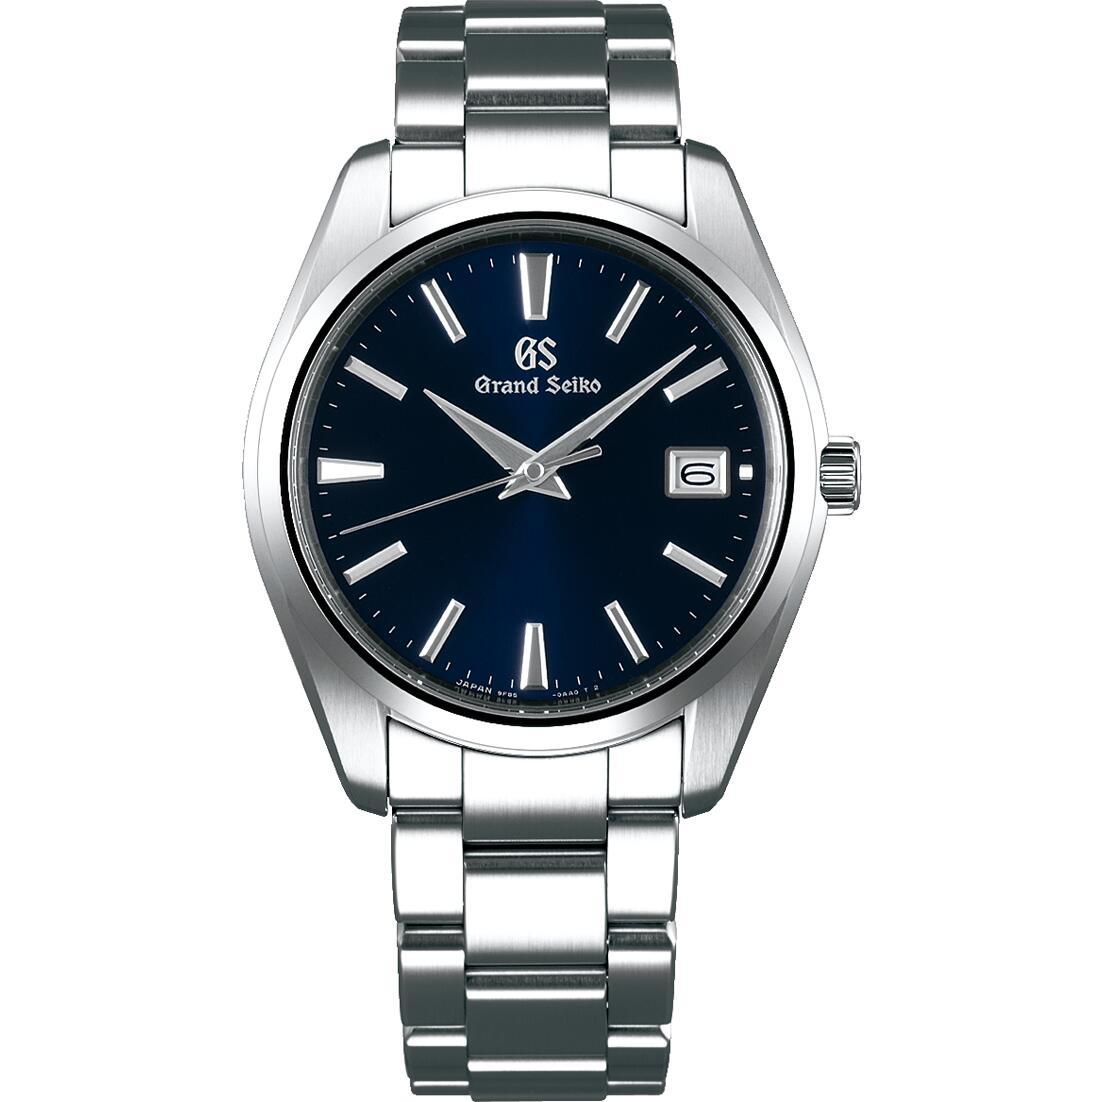 新品 送料無料 メンズ 腕時計 84回迄無金利対応 新品 正規品 GrandSeiko 電池式 SBGP013 年末年始大決算 グランドセイコー クォーツ